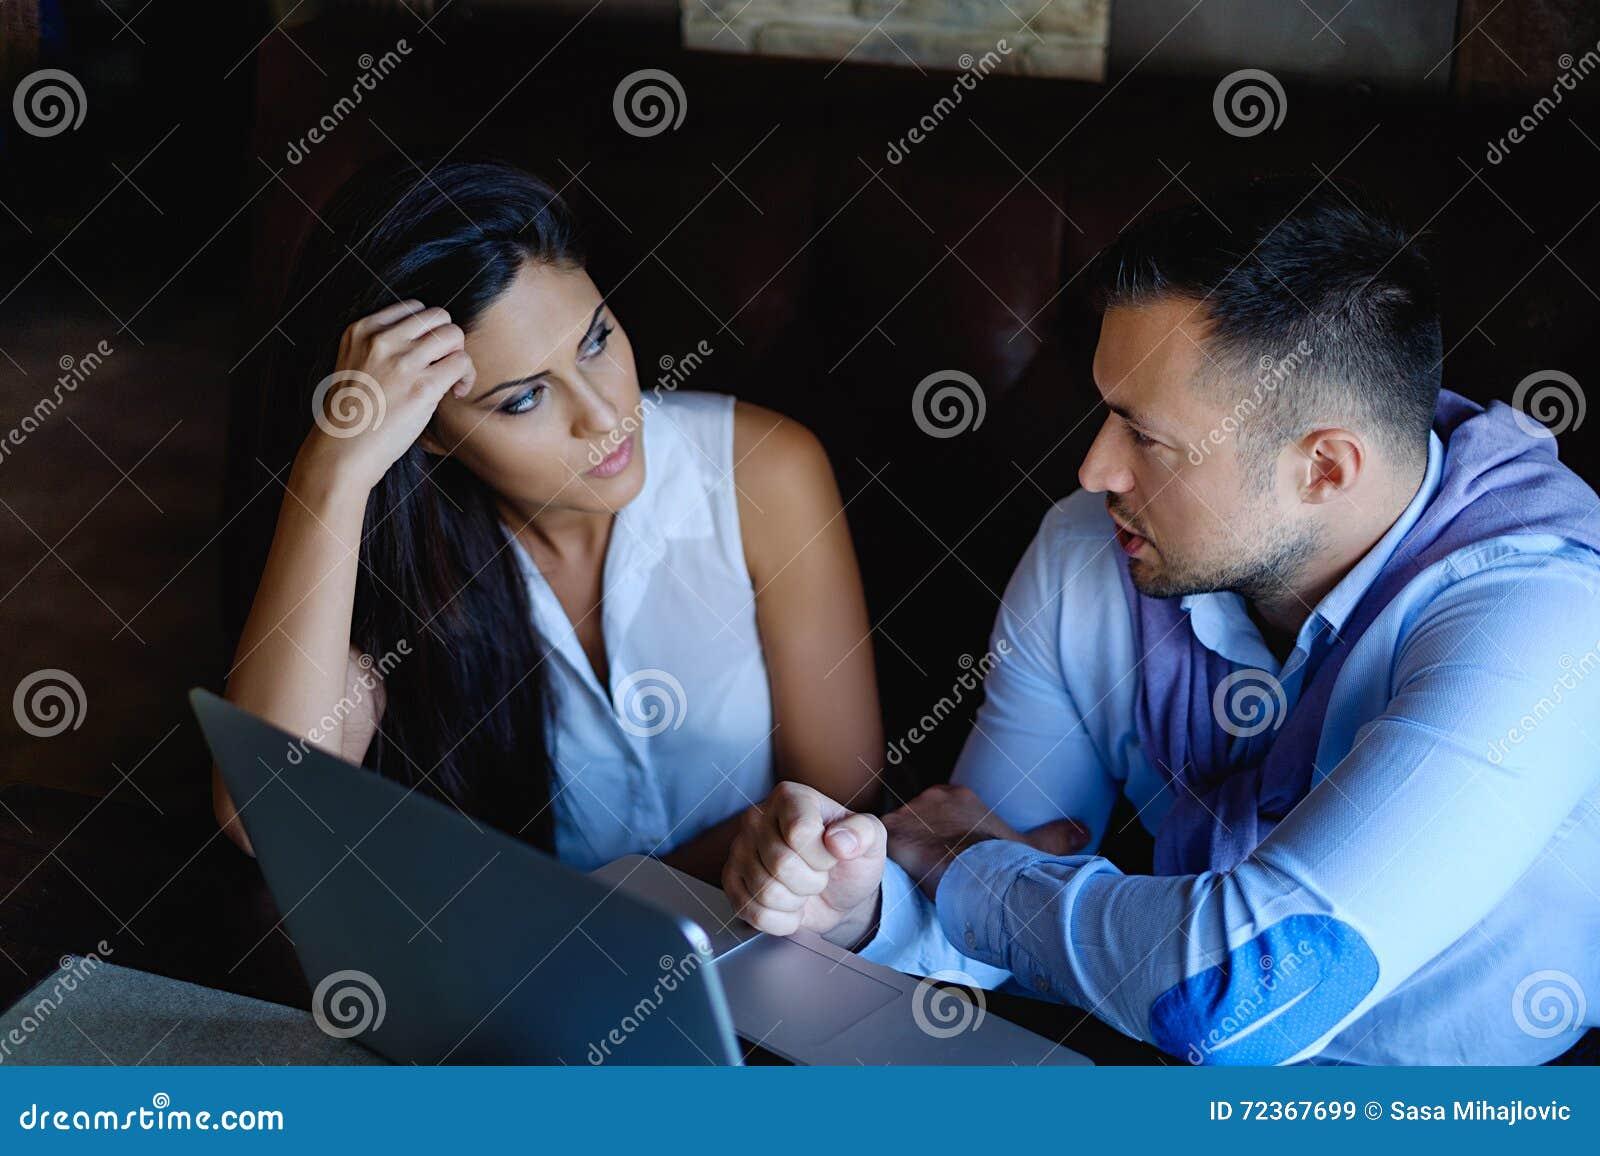 Mannen talar, och hans kollega lyssnar